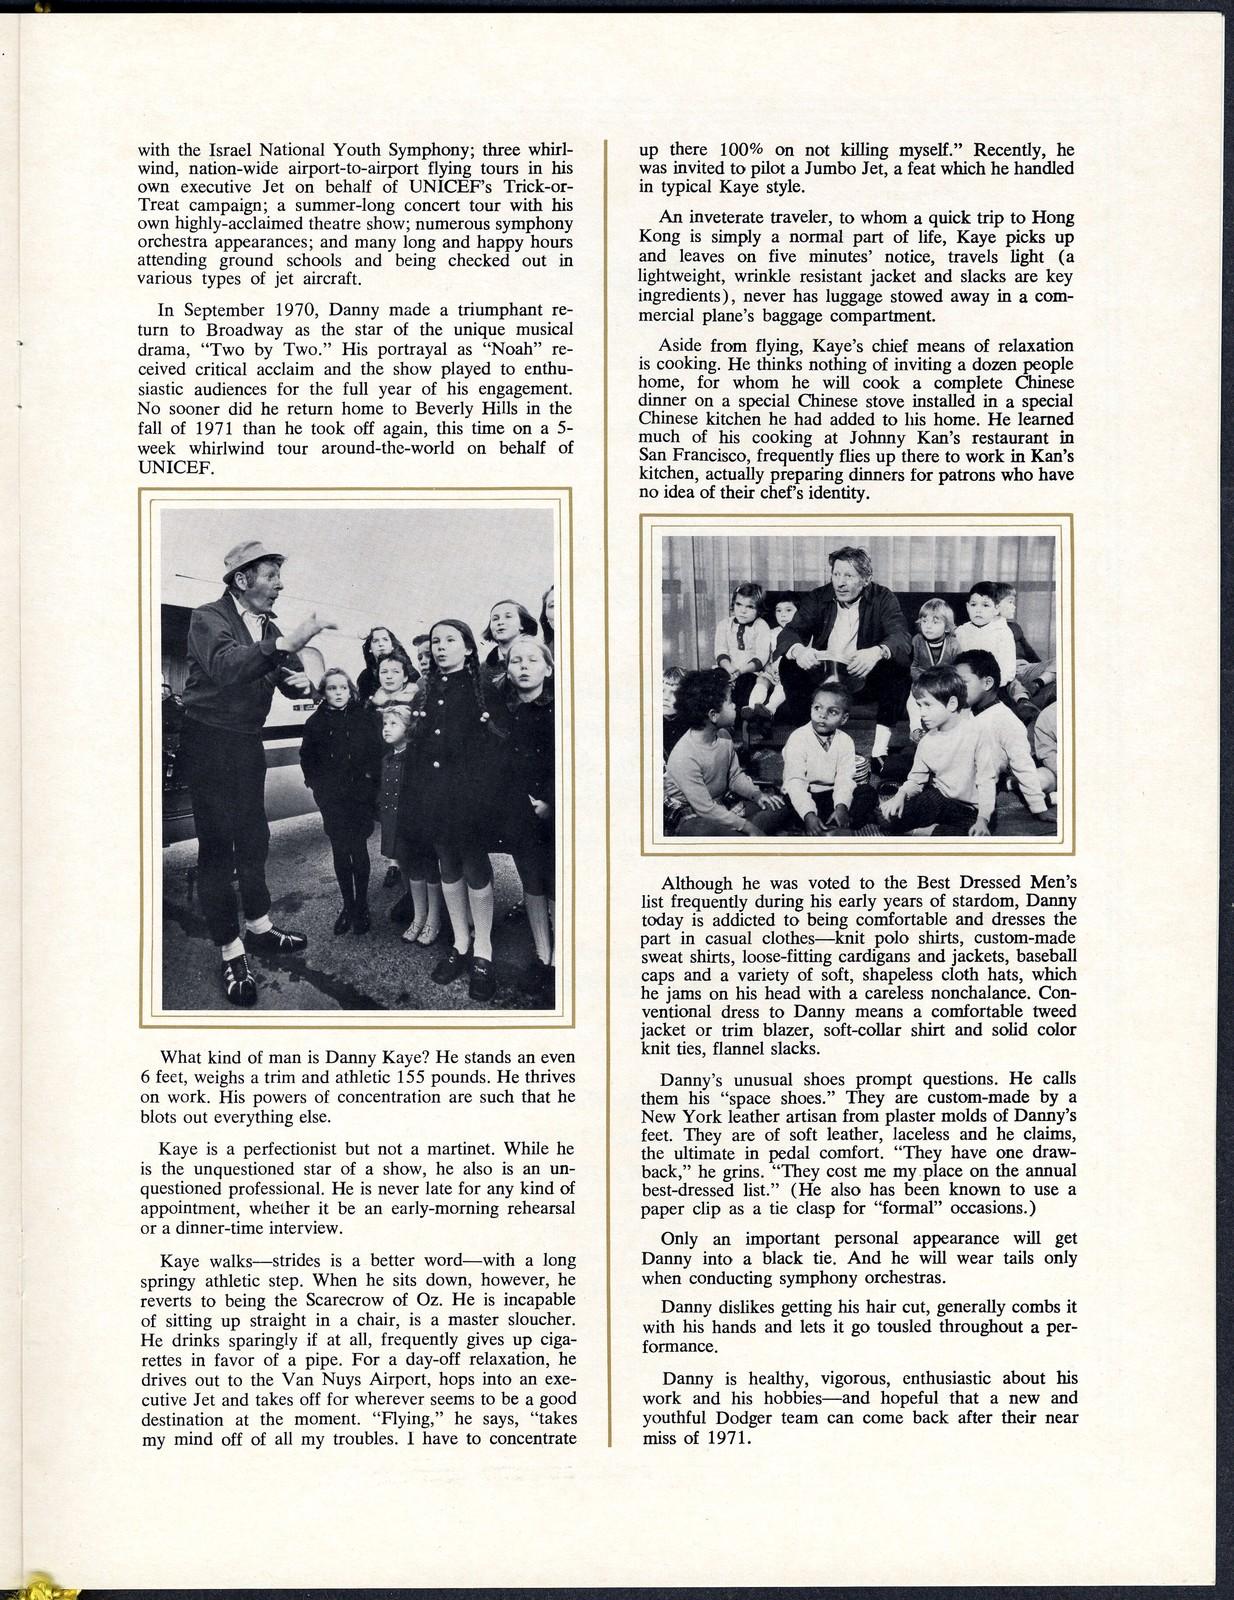 [ Humanitarian Award Presentation Banquet, April 28, 1972]